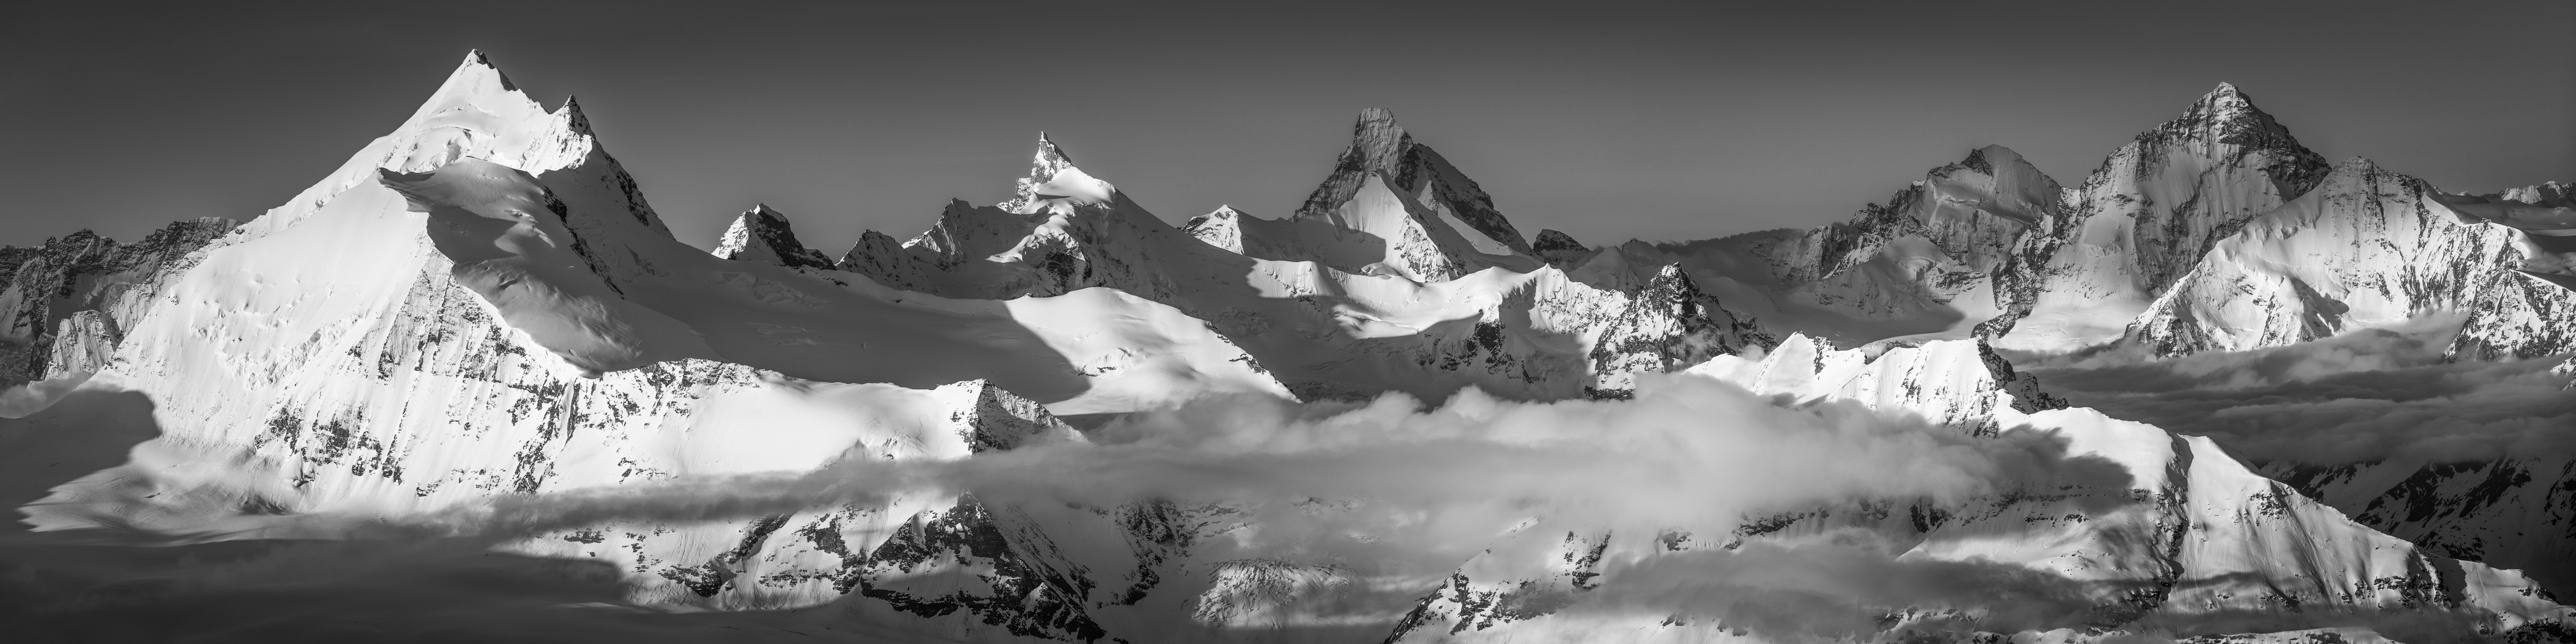 panoramique noir et blanc Couronne impériale de Zinal